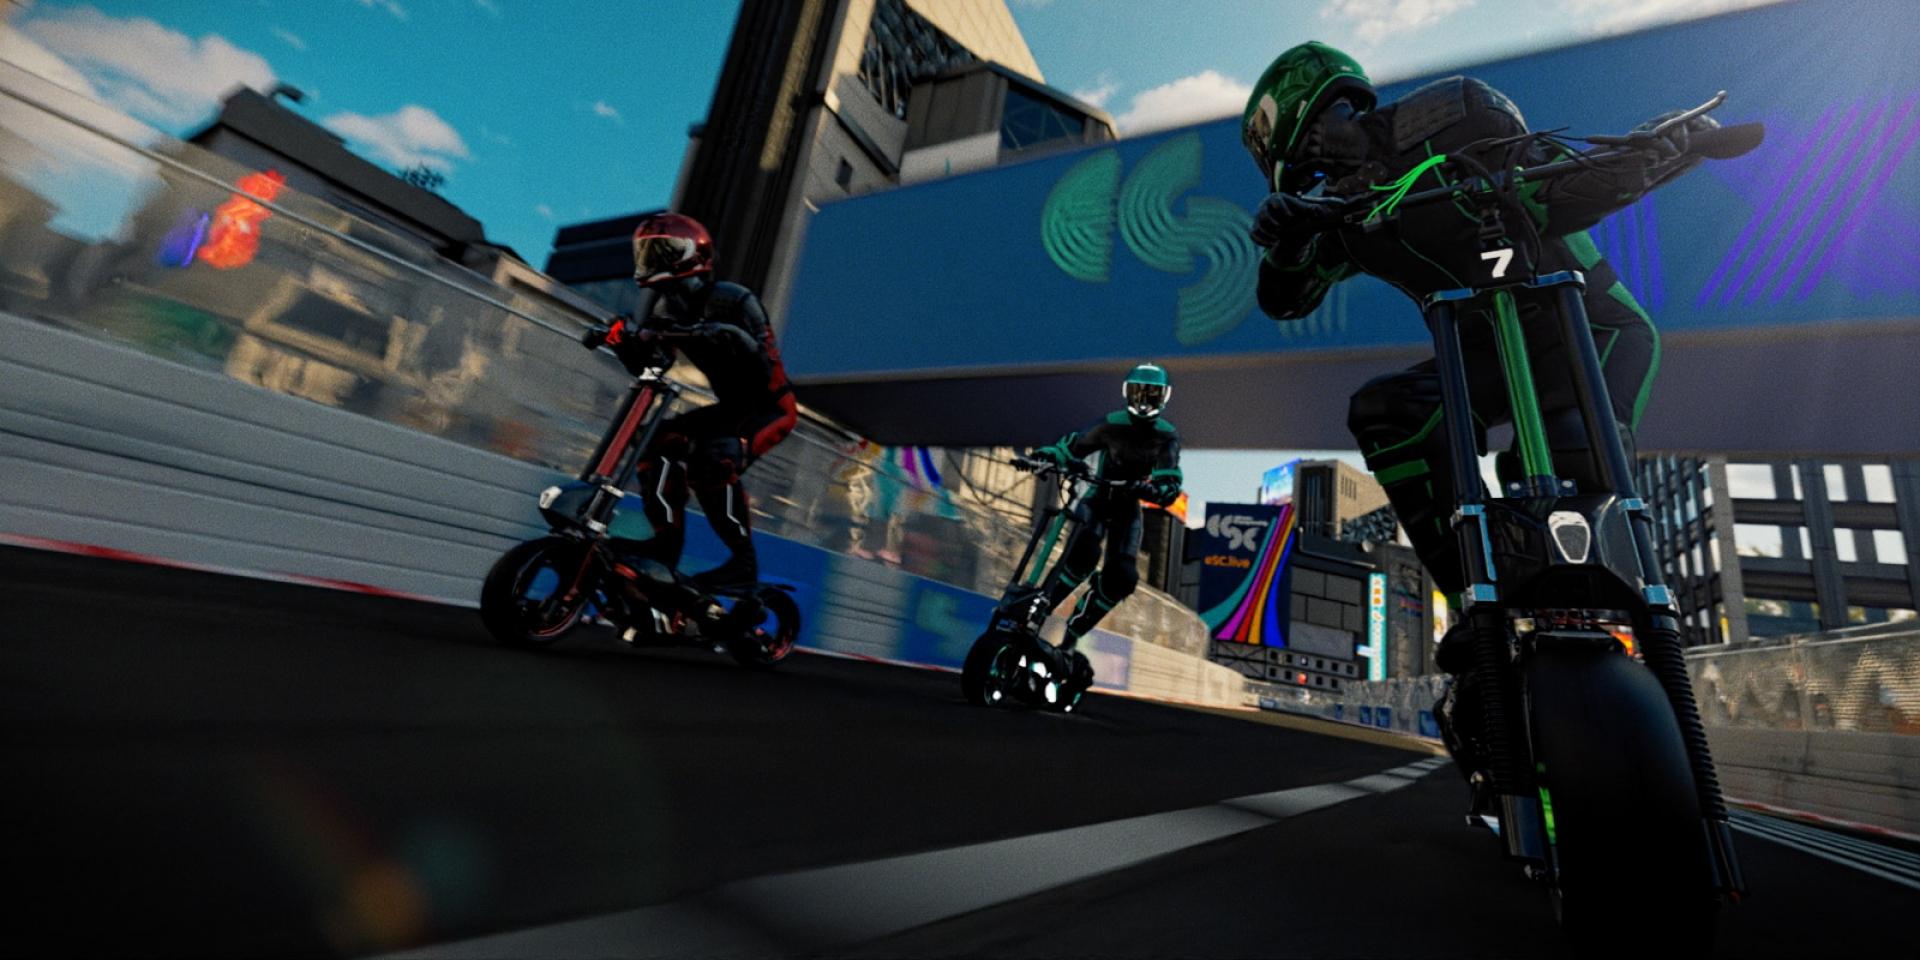 電動滑板車賽事來臨?但真的會舉行嗎